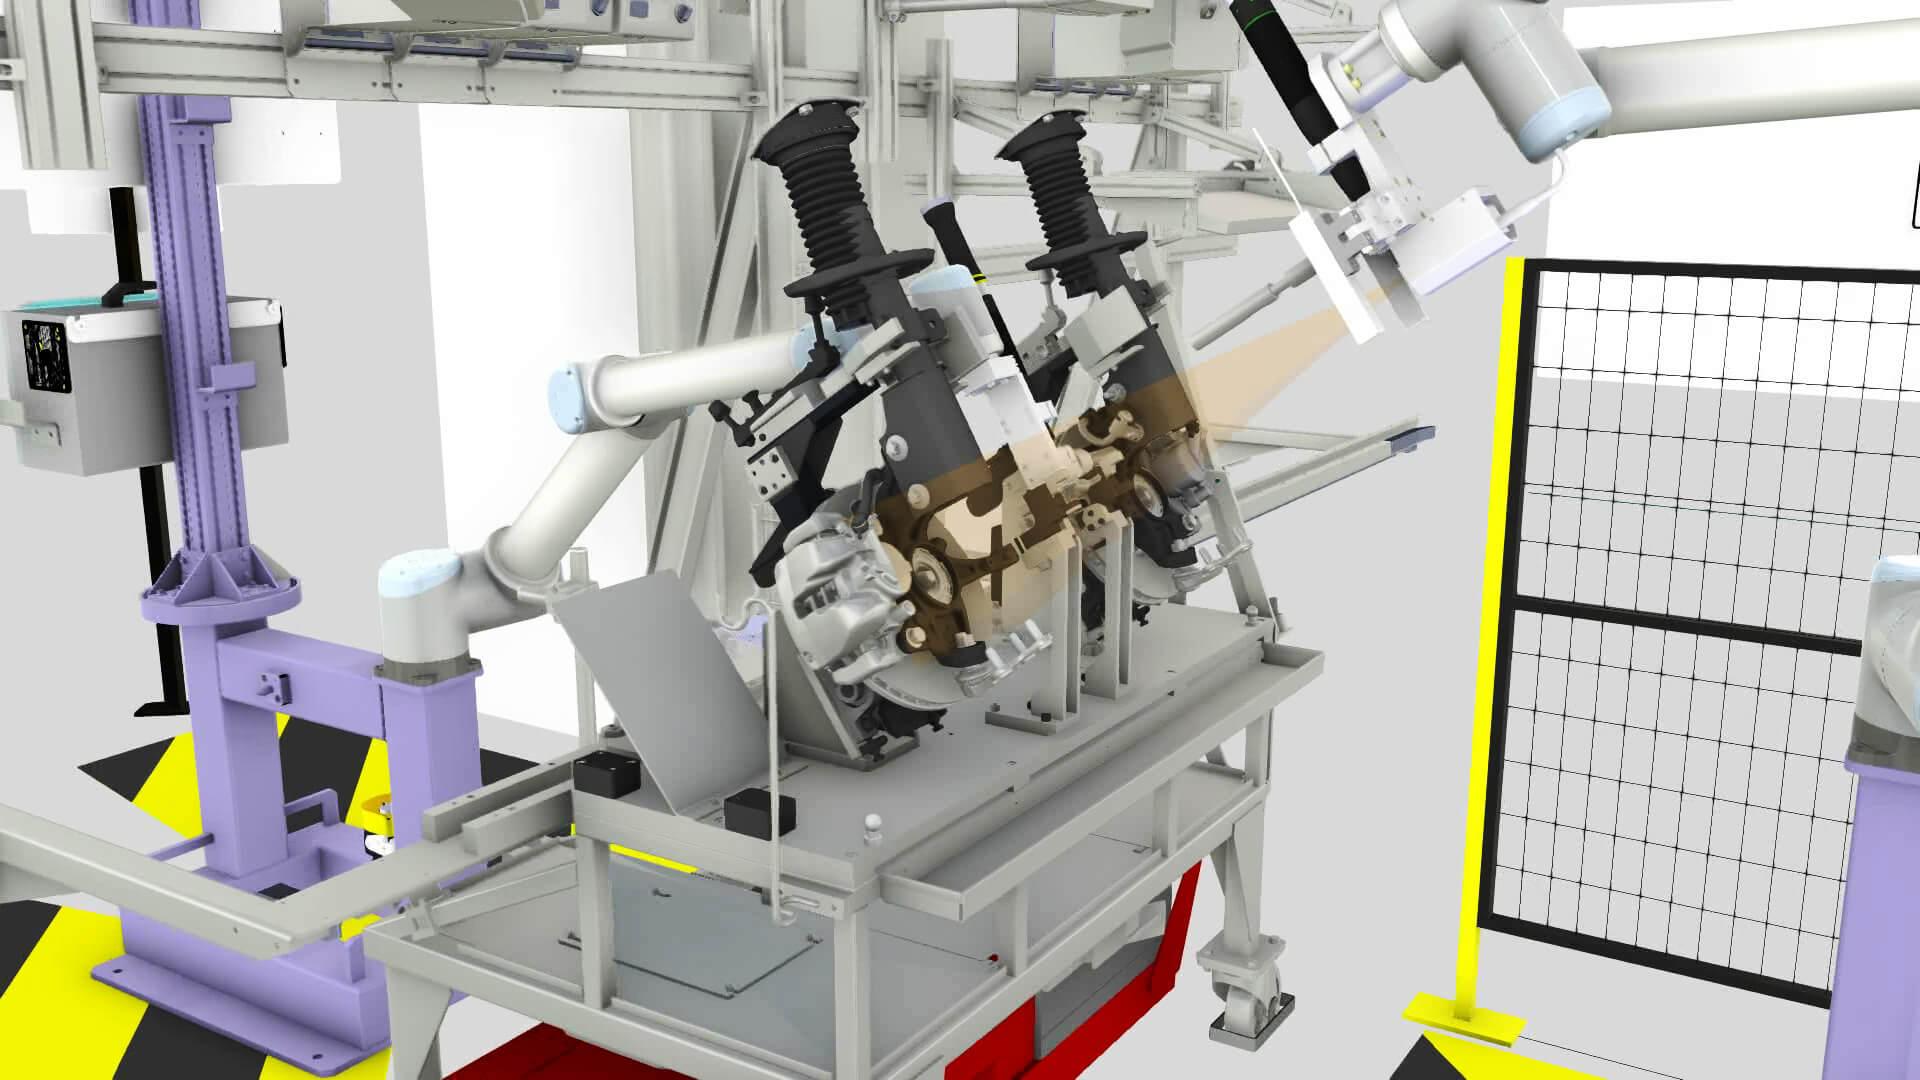 a FiRAC screw tightening robot